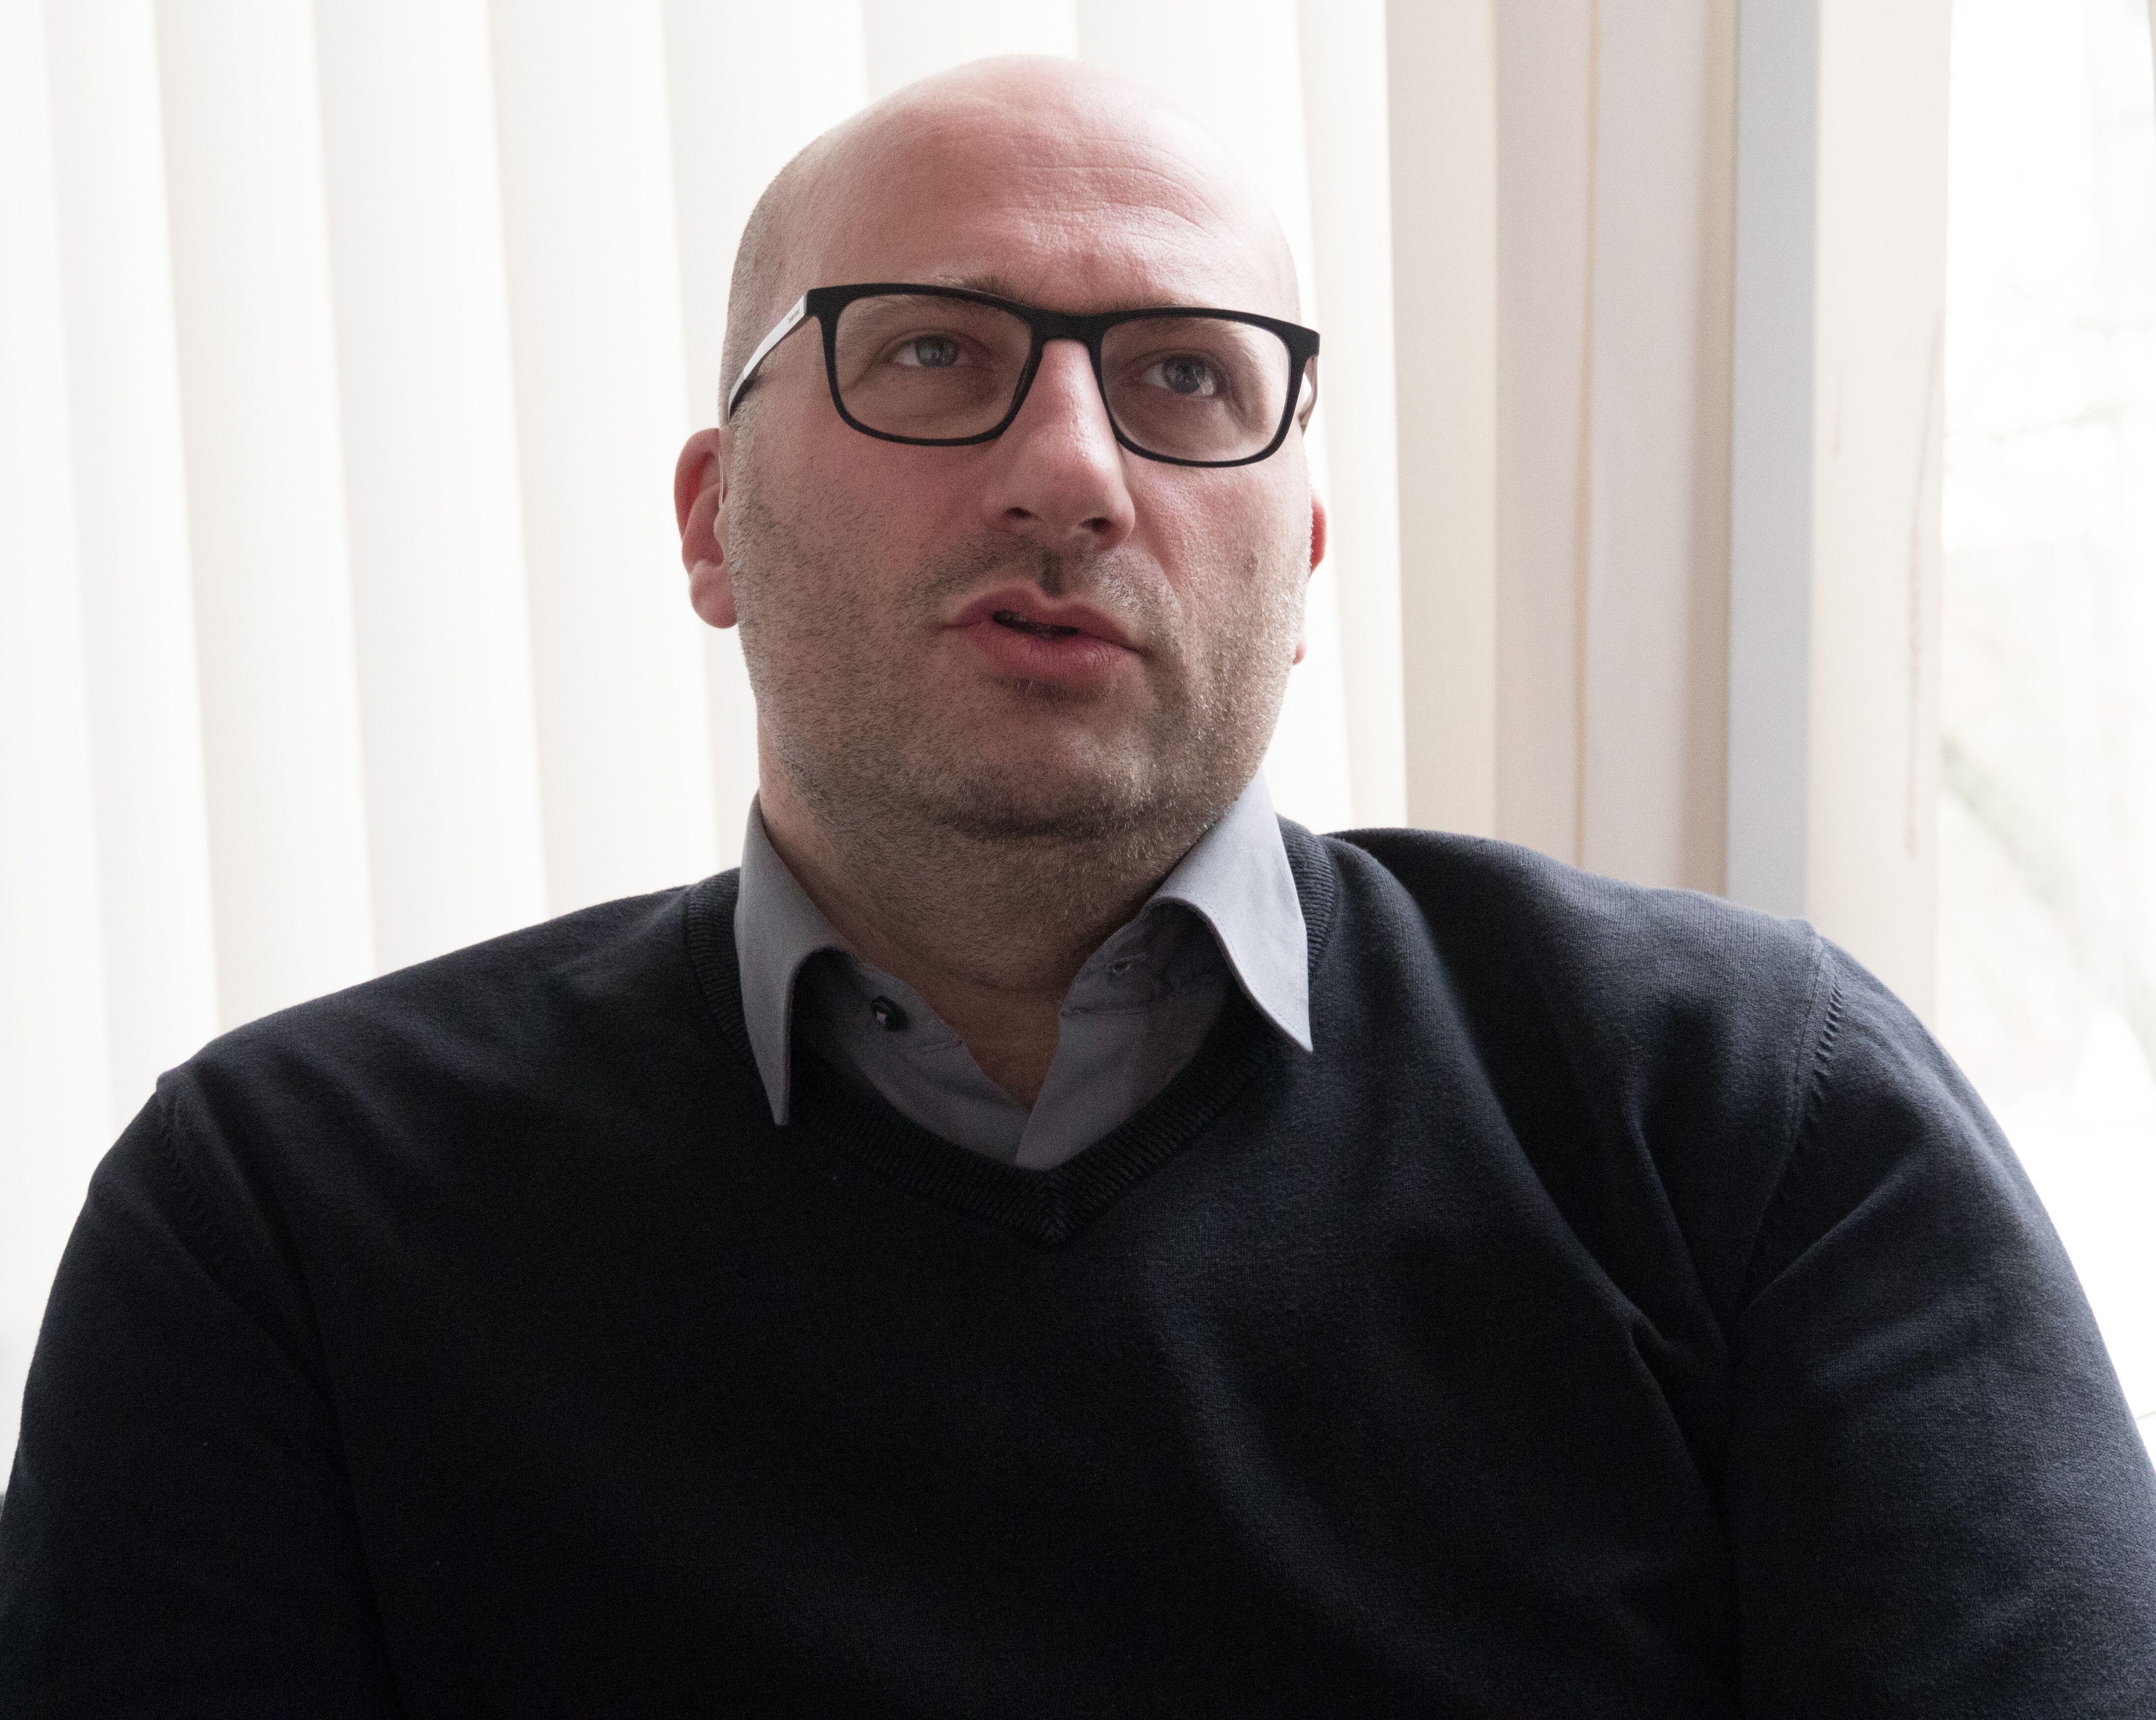 """Athanasios Karafillidis, LaFT: """"Gefragt war ein bezahlbares, tragbares und leicht anlegbares Unterstützungssystem, das mit möglichst wenig Technik auskommt."""""""